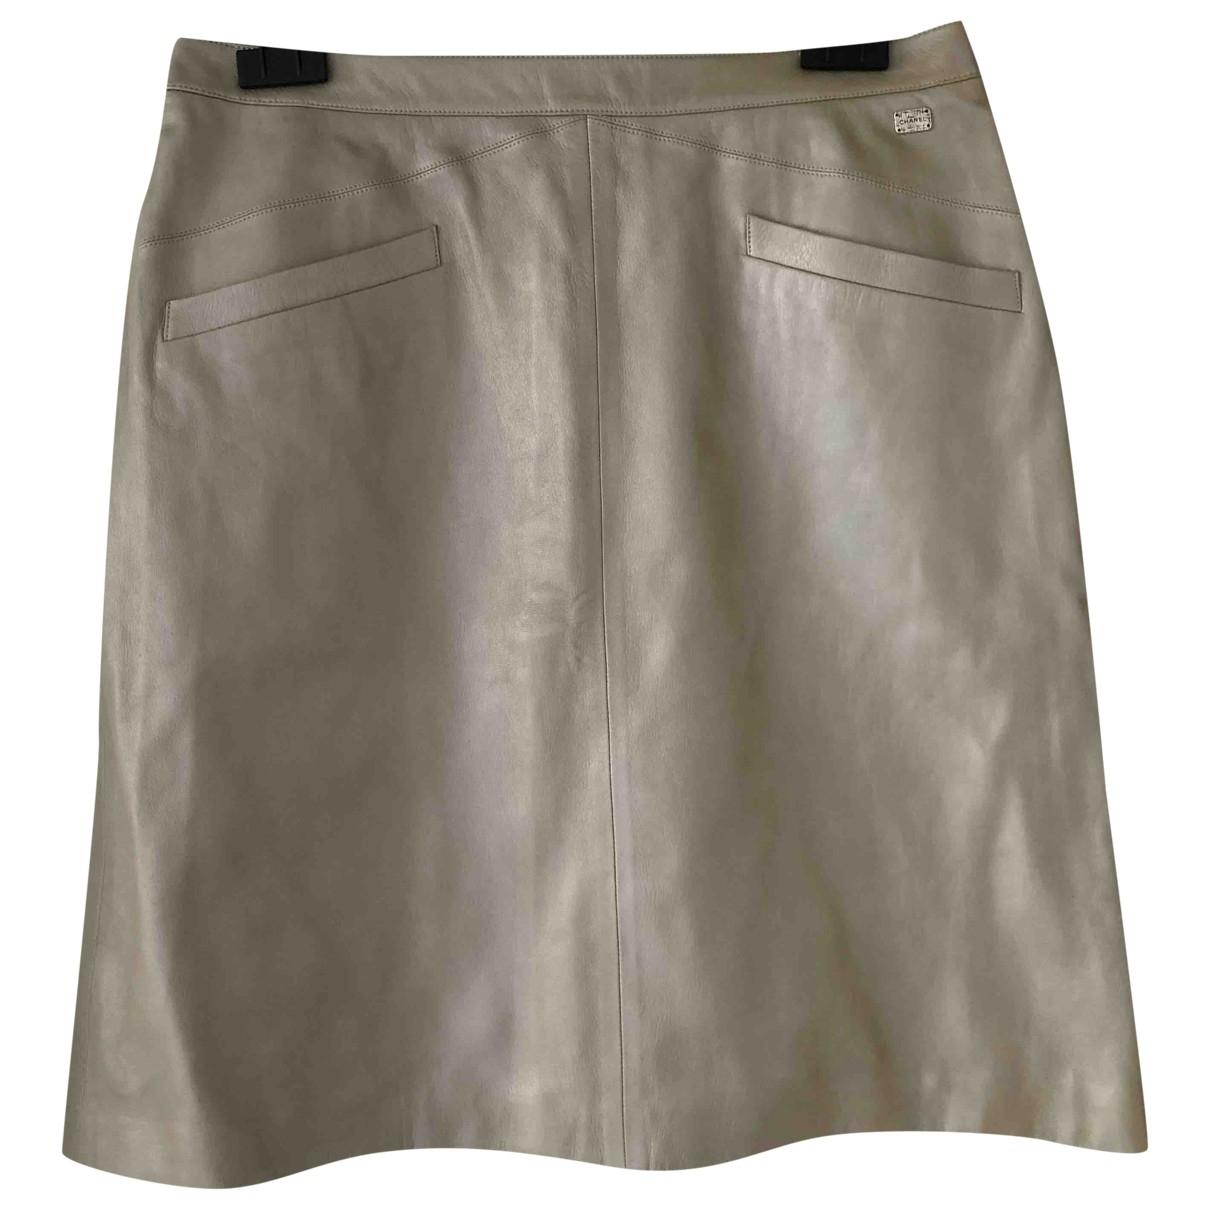 Chanel \N Metallic Leather skirt for Women 44 FR